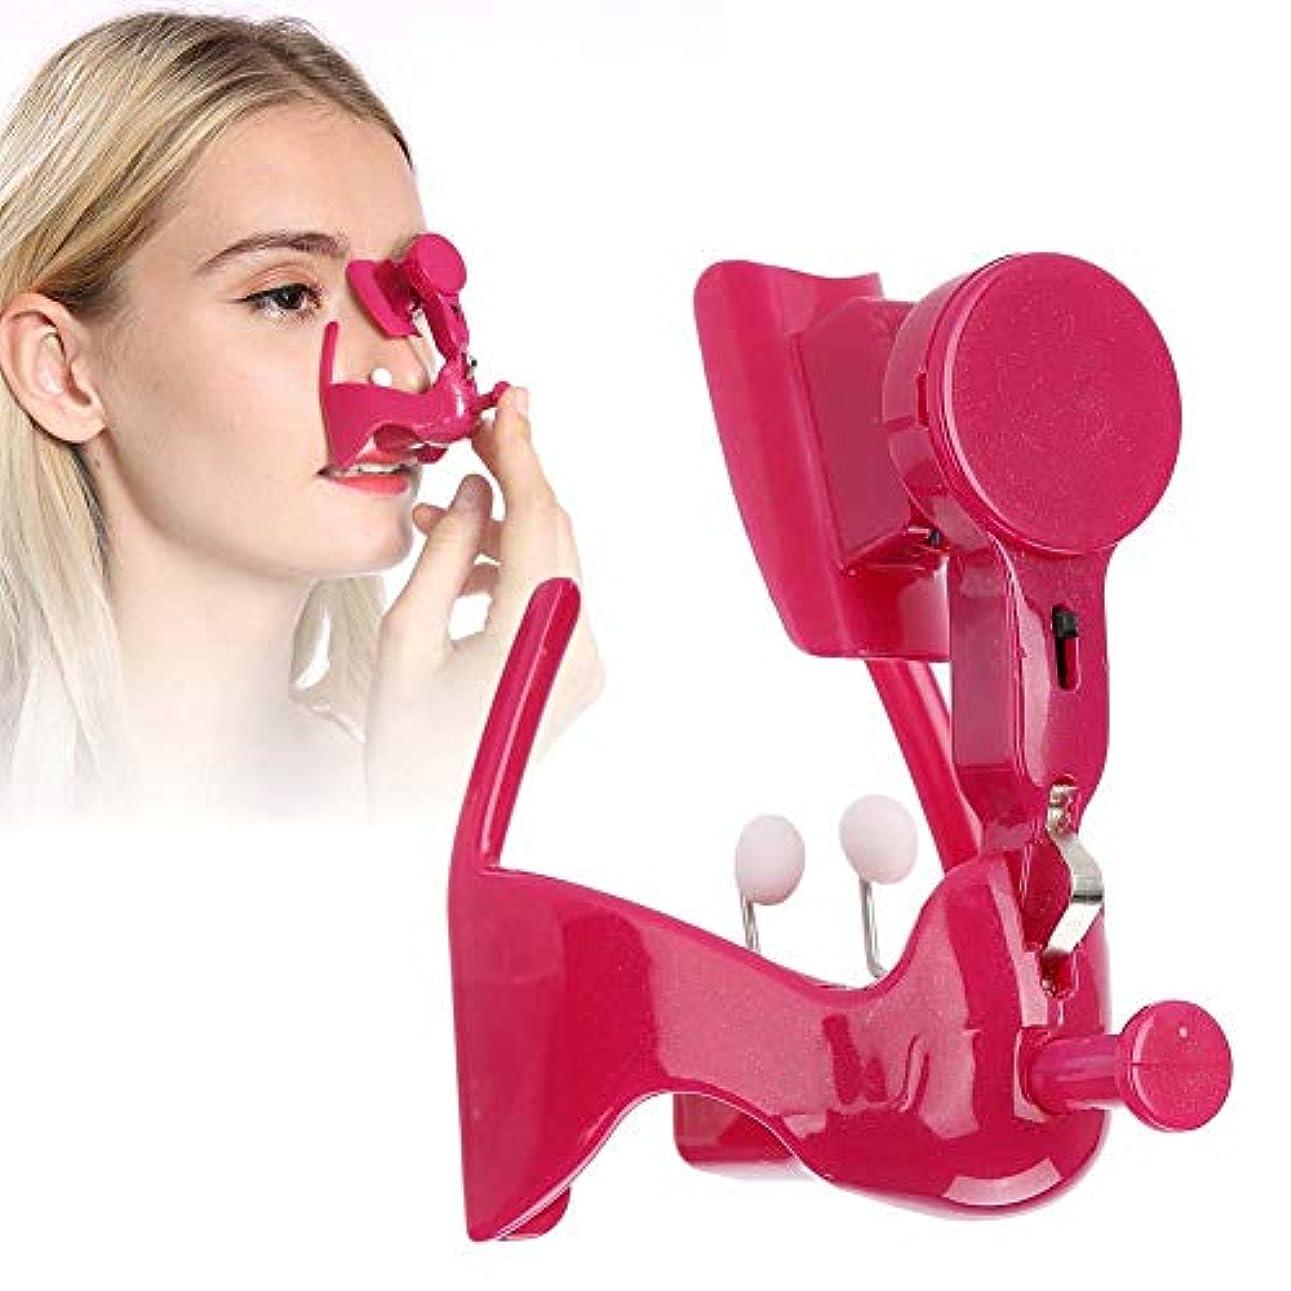 ストロー振動する狂う鼻筋 矯正 ノーズアップノーズクリップ 鼻高く鼻プチ 柔軟性高く バタリー付き